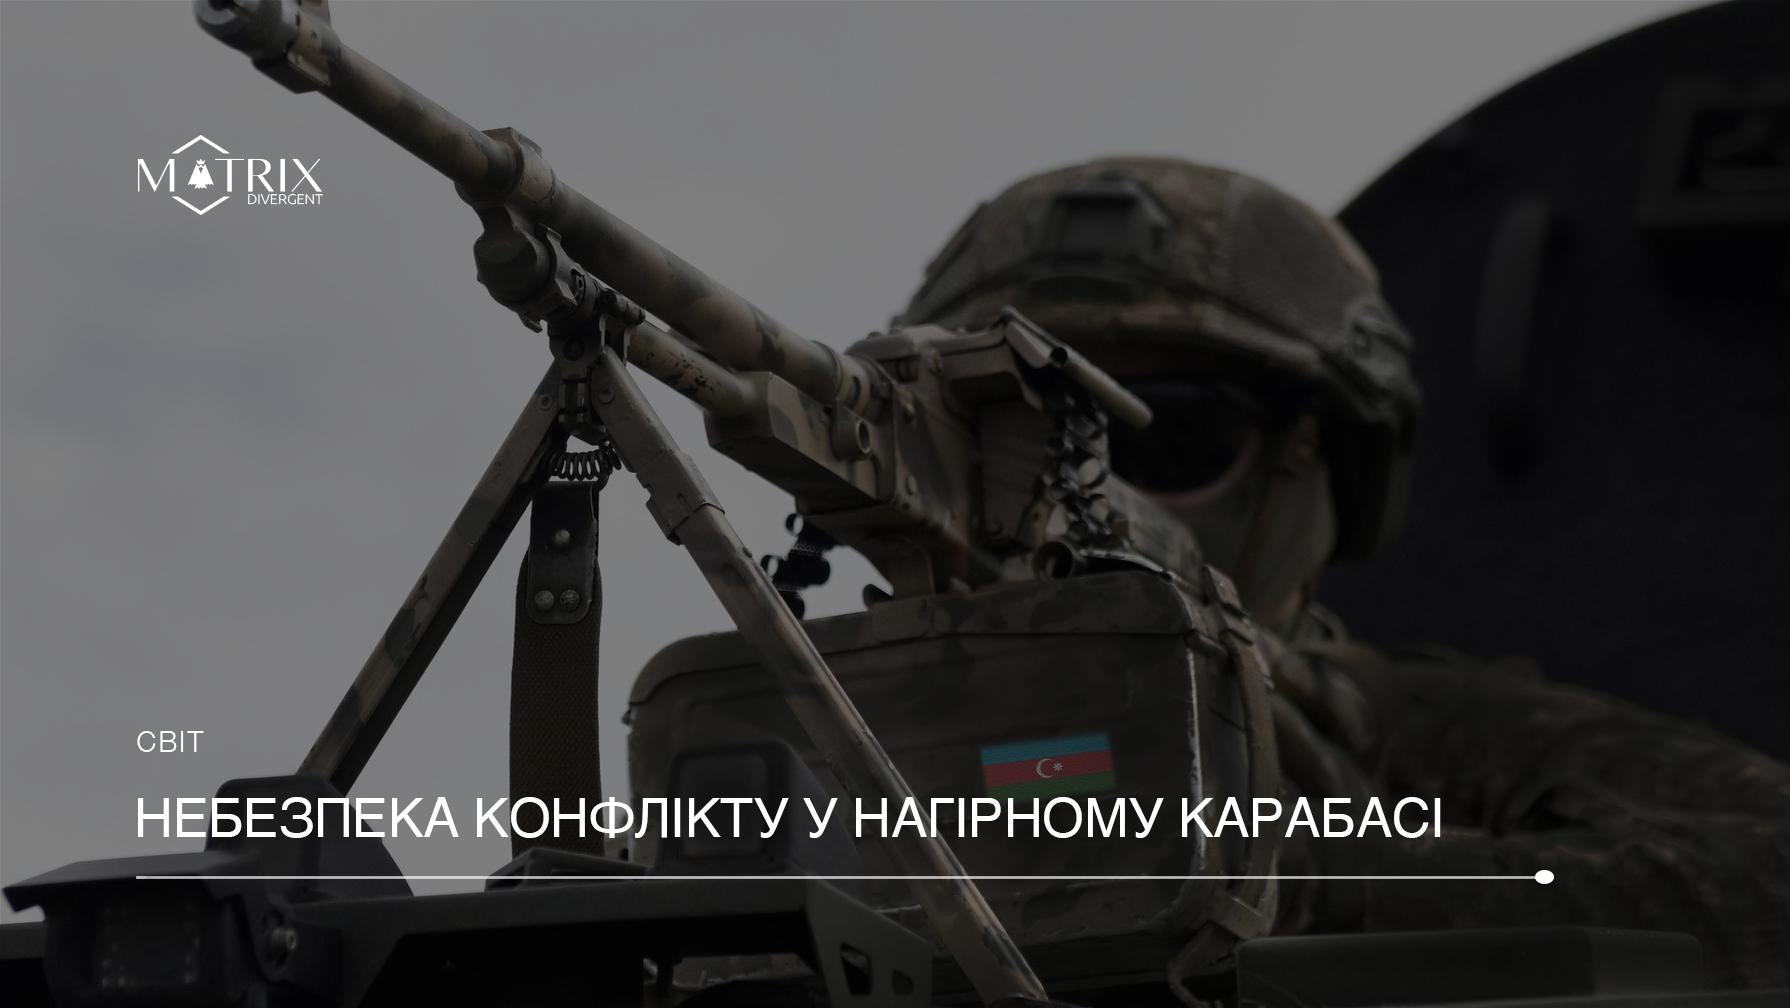 Збройний конфлікт в Нагірному Карабасі продовжується